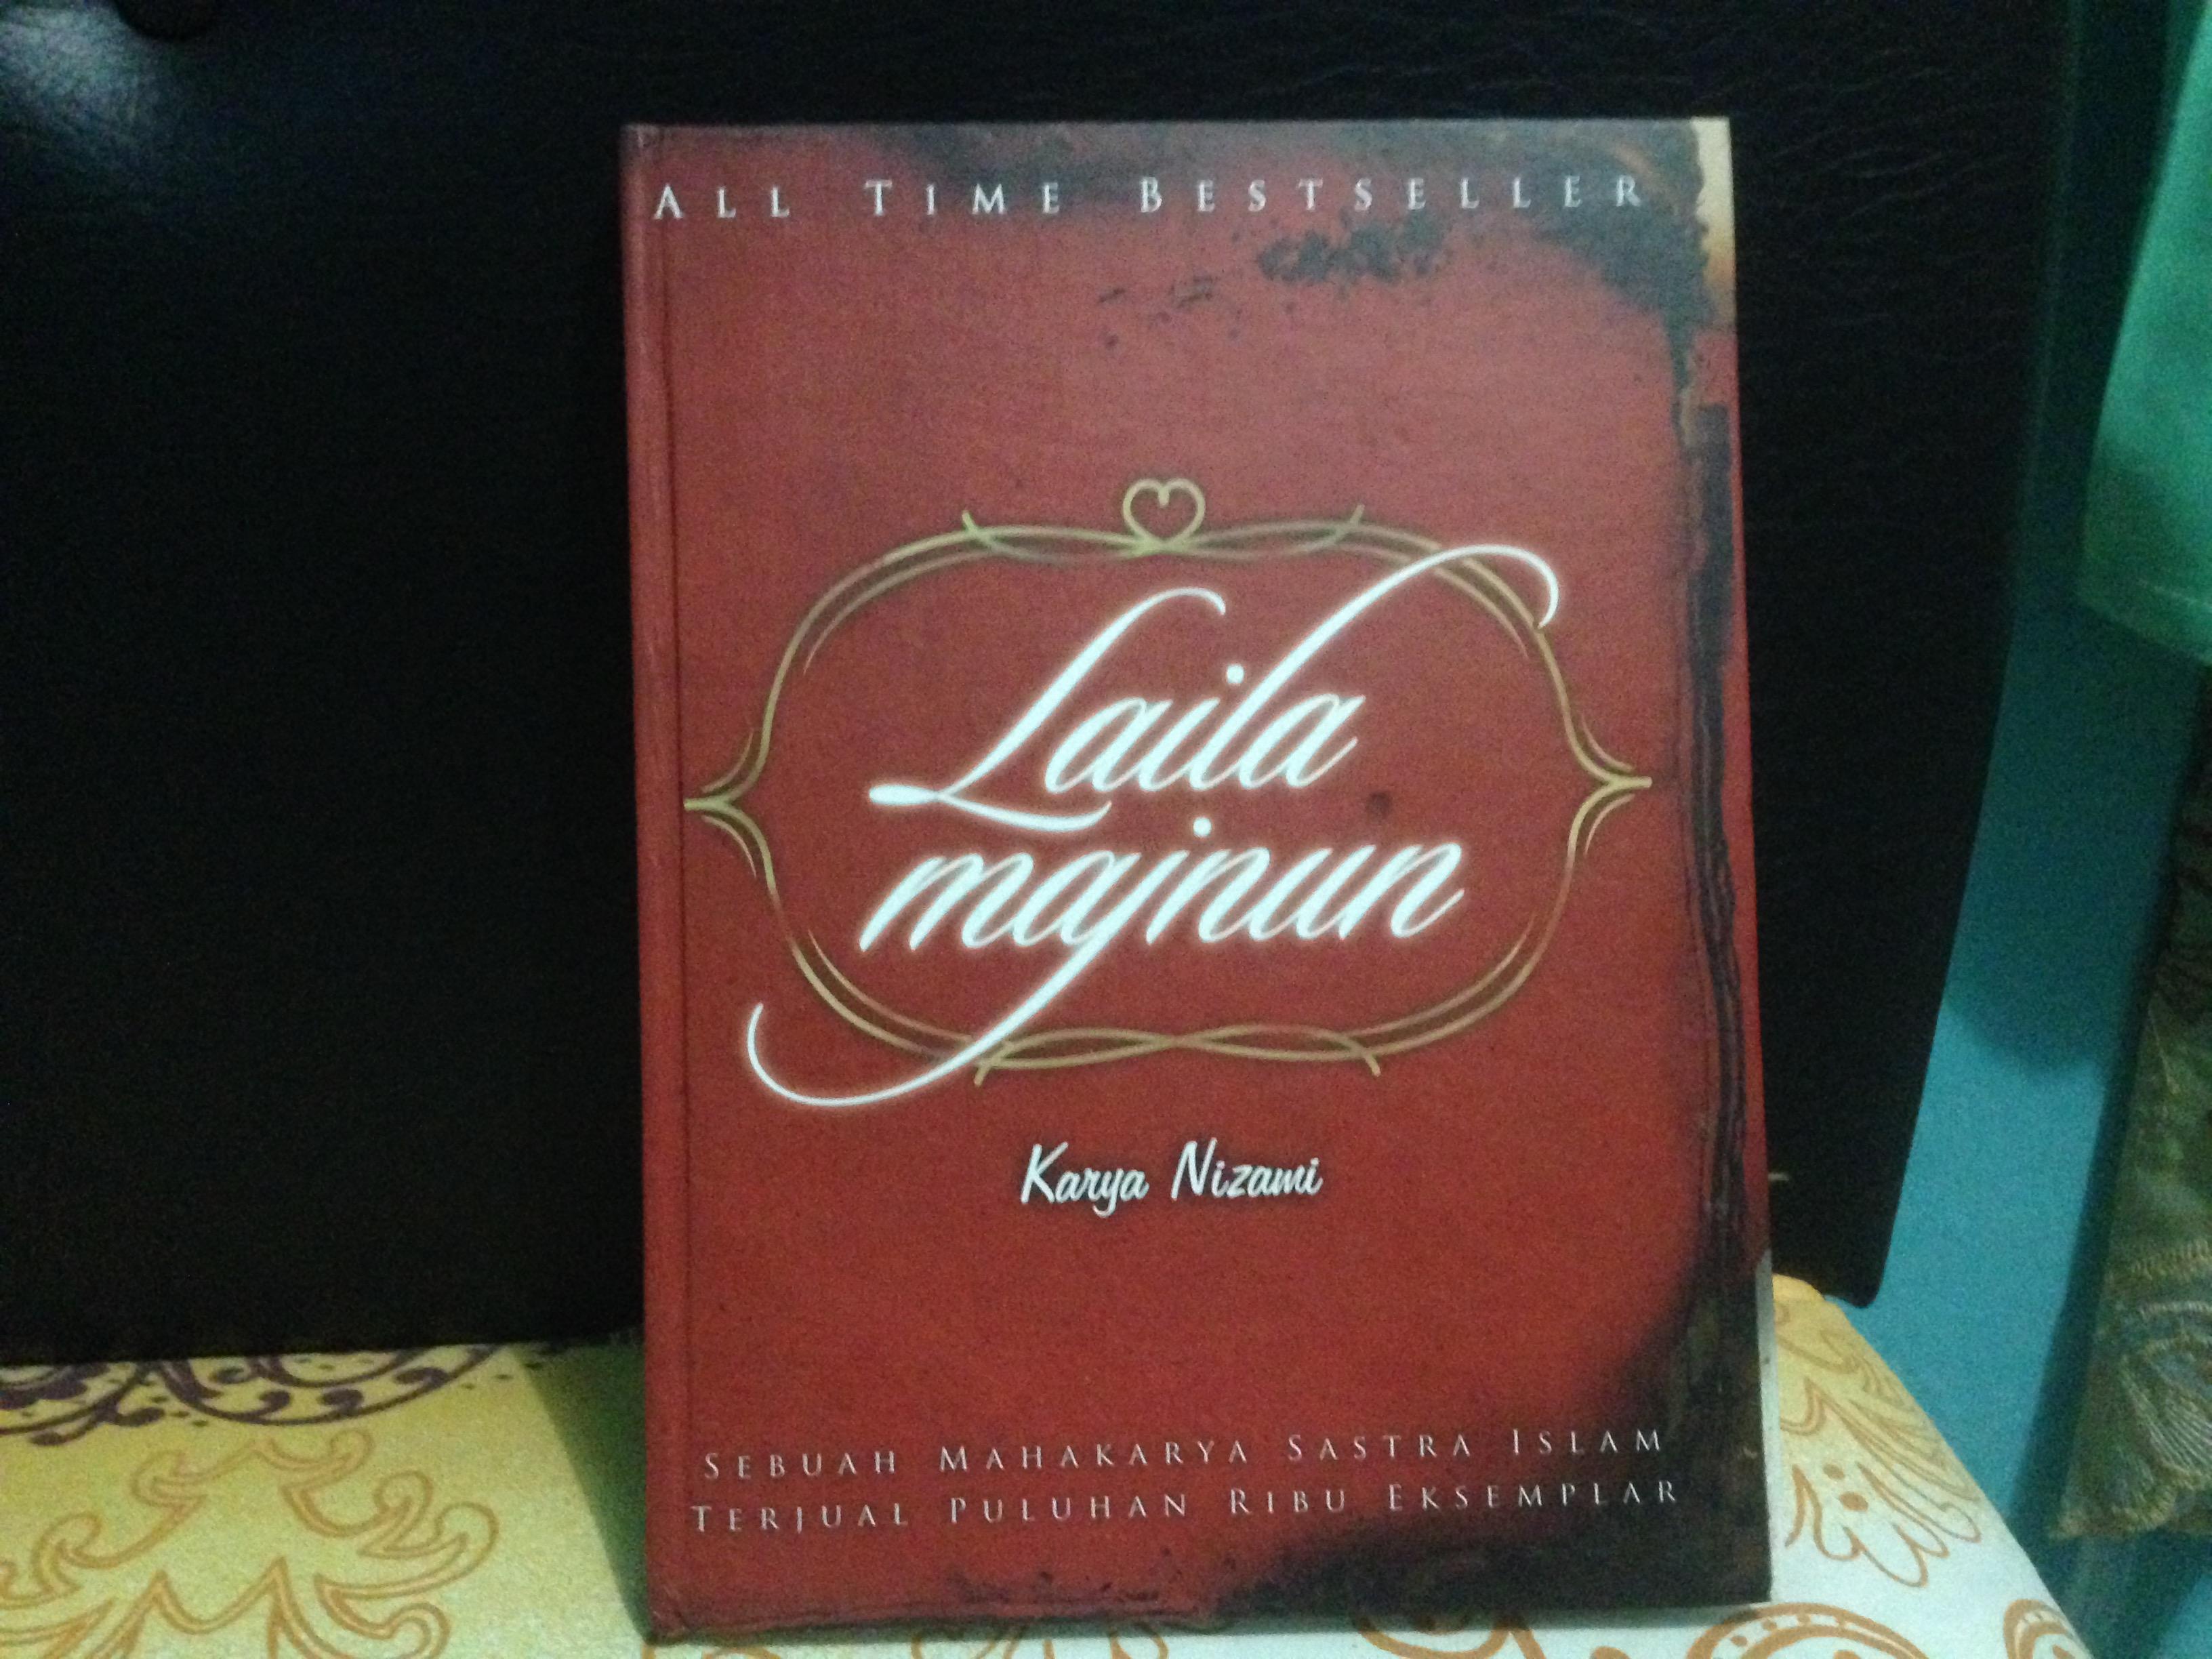 Syair Majnun dalam Laila Majnun